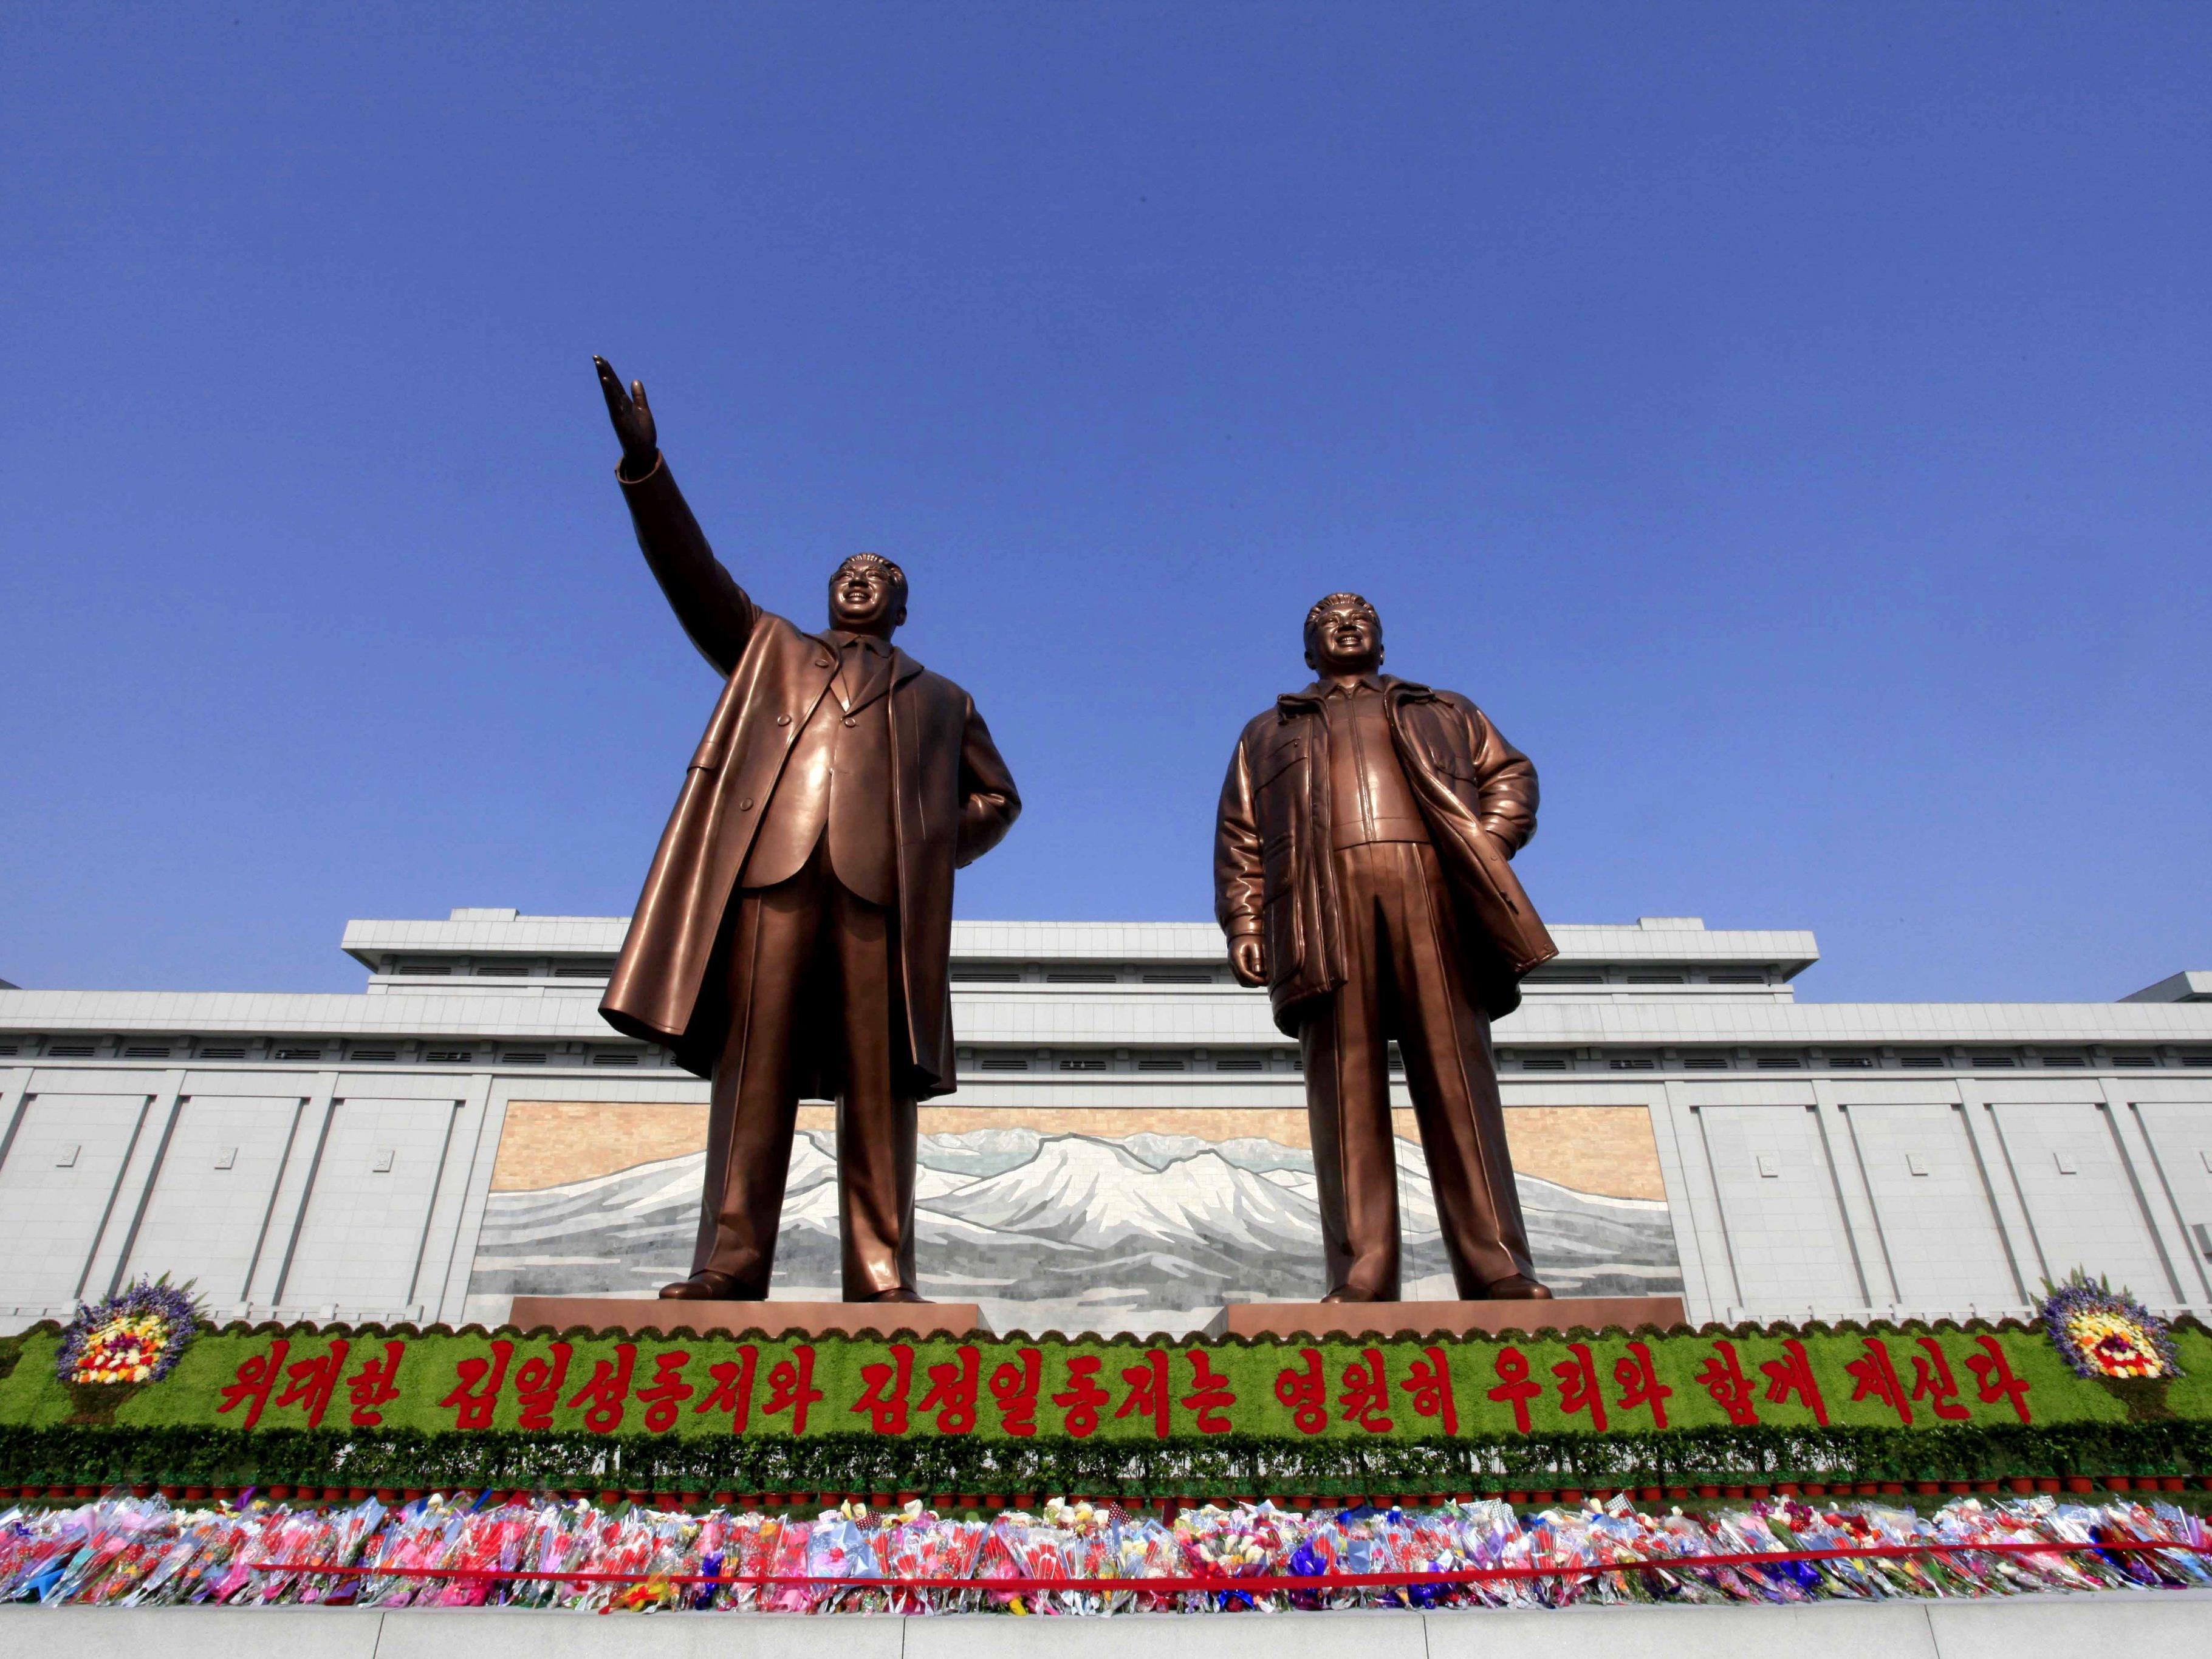 Riesige Bronzestatuen der ehemaligen Führer Kim Jong Il und Kim Il Sung